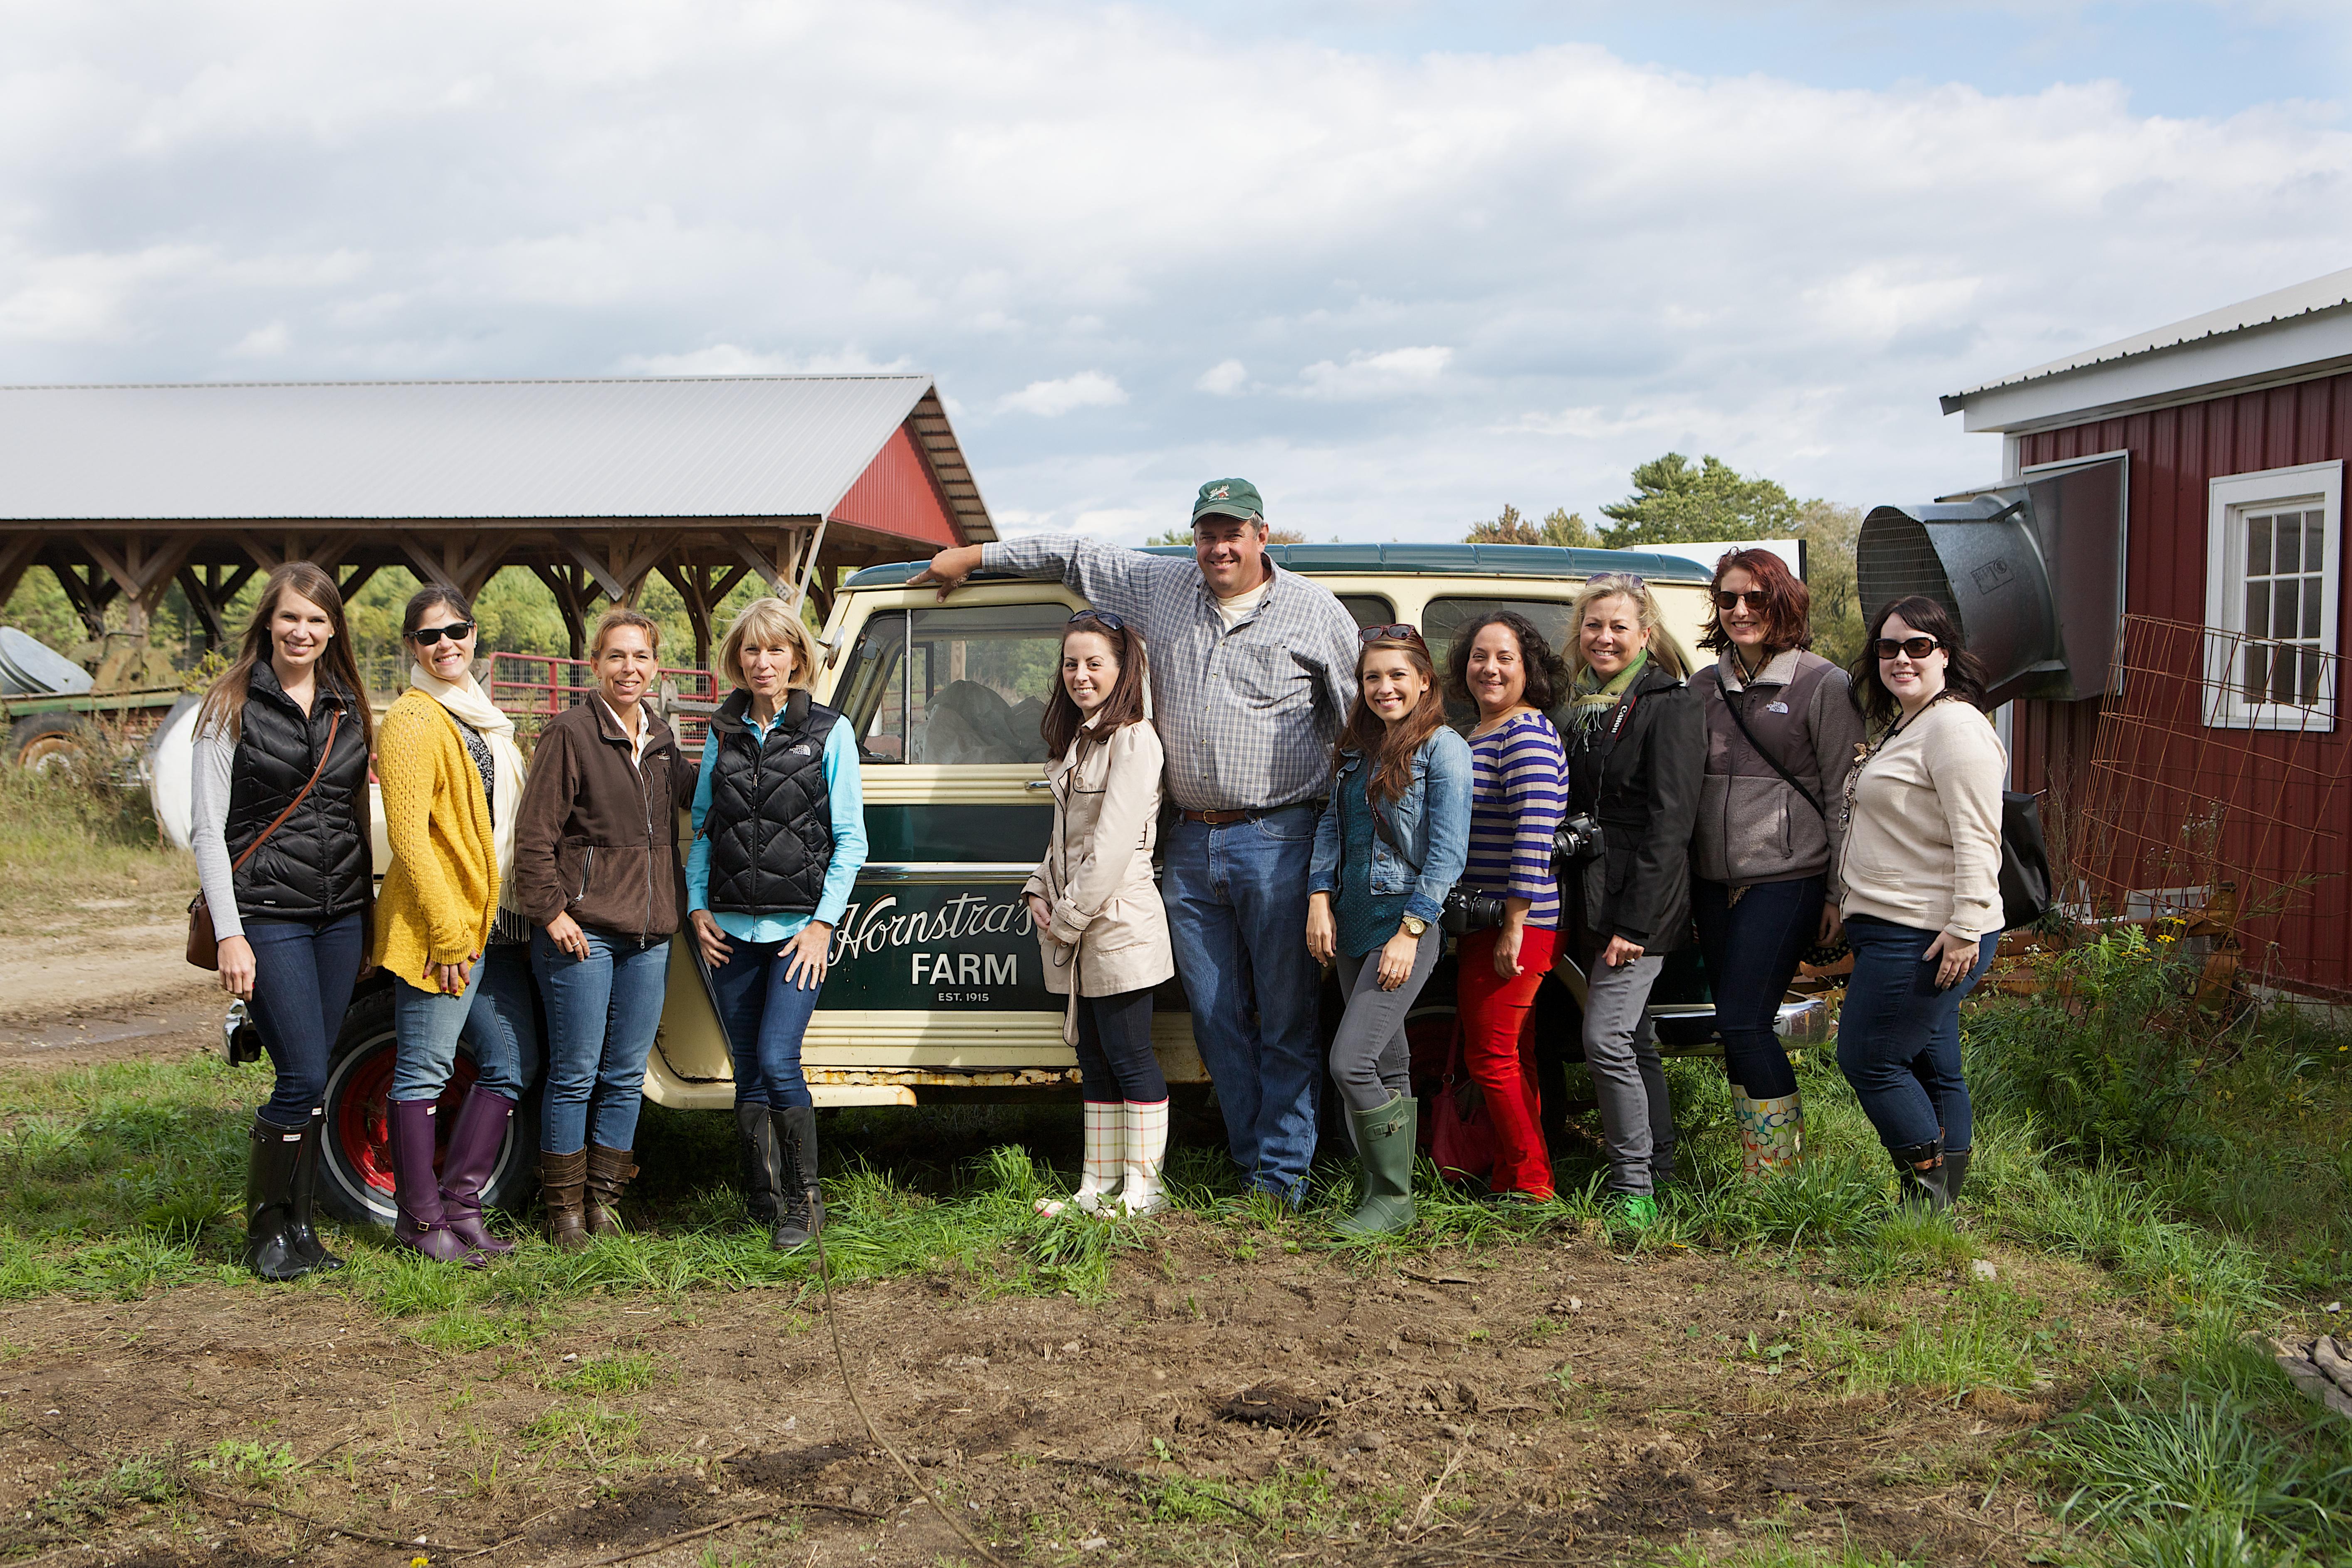 MA Farm Tour Hornstra Farms 10.7 (145)